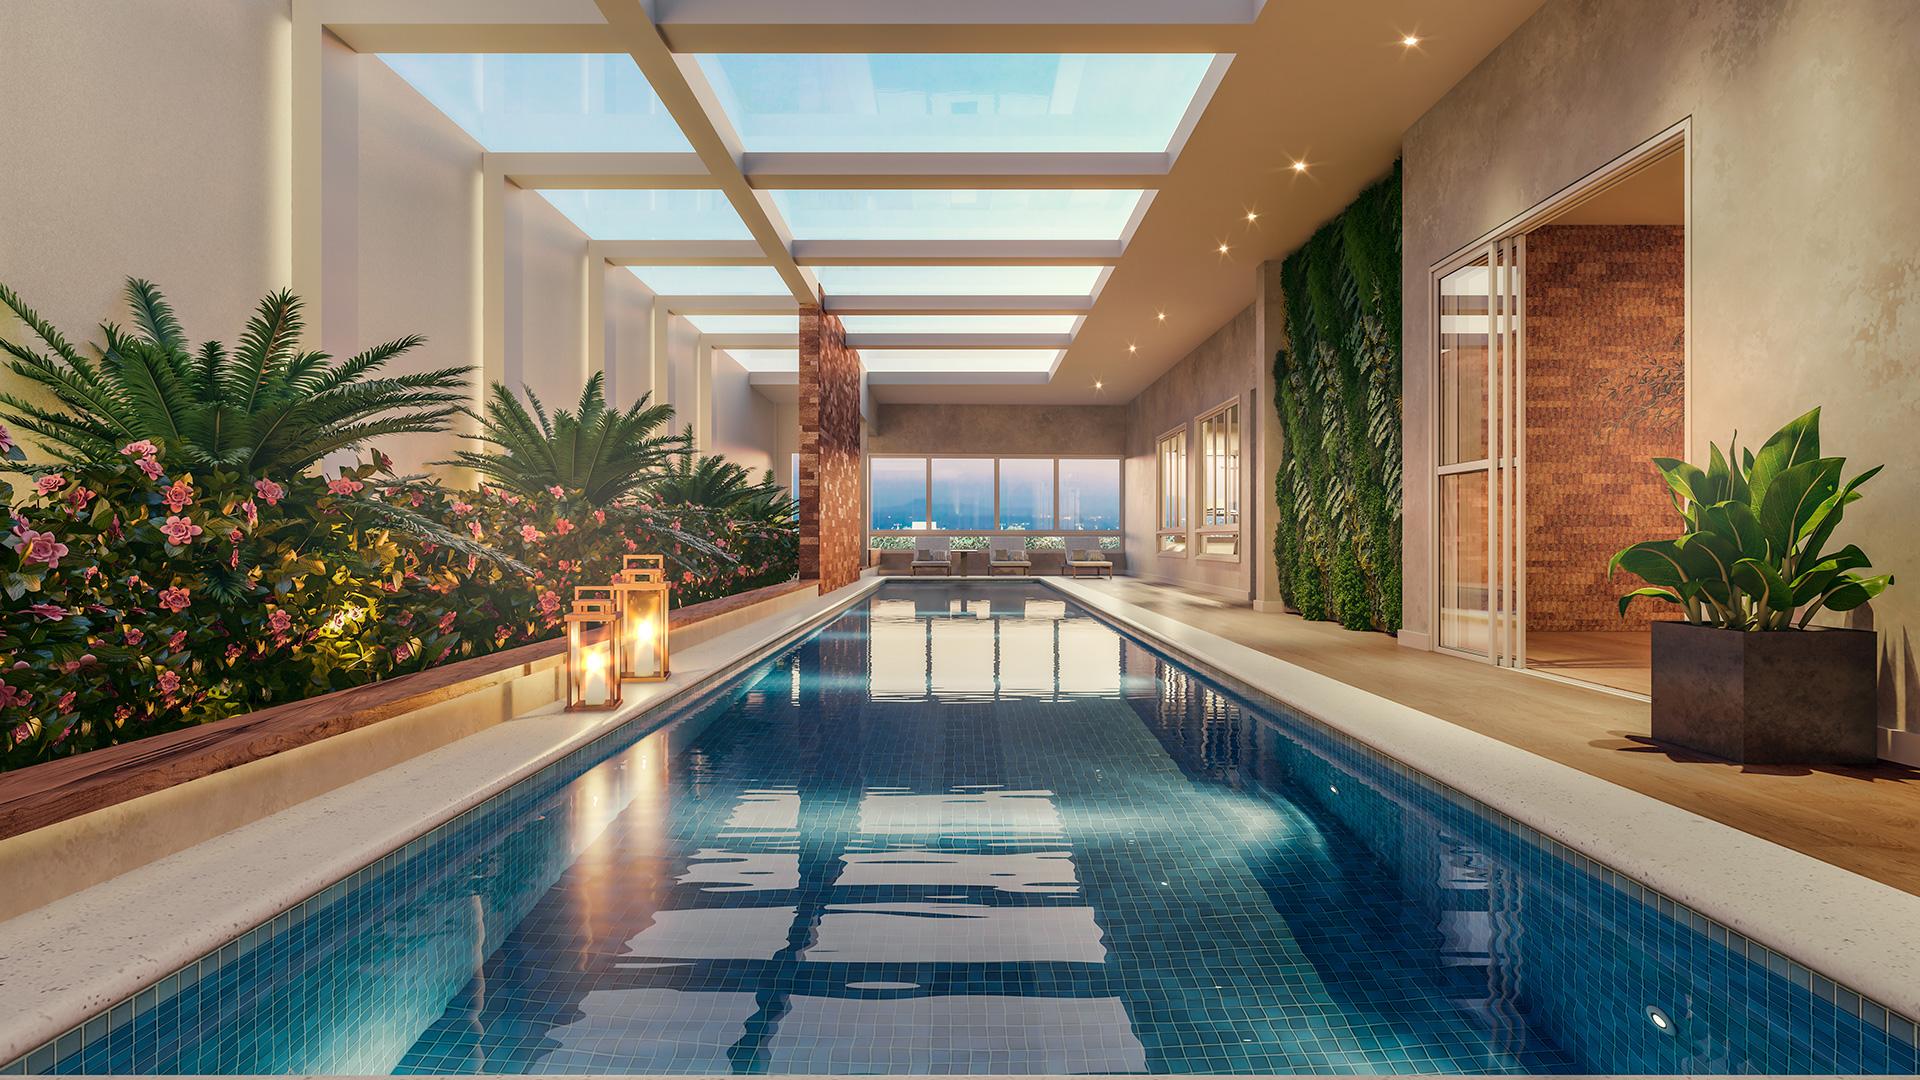 piscina coberta com raia